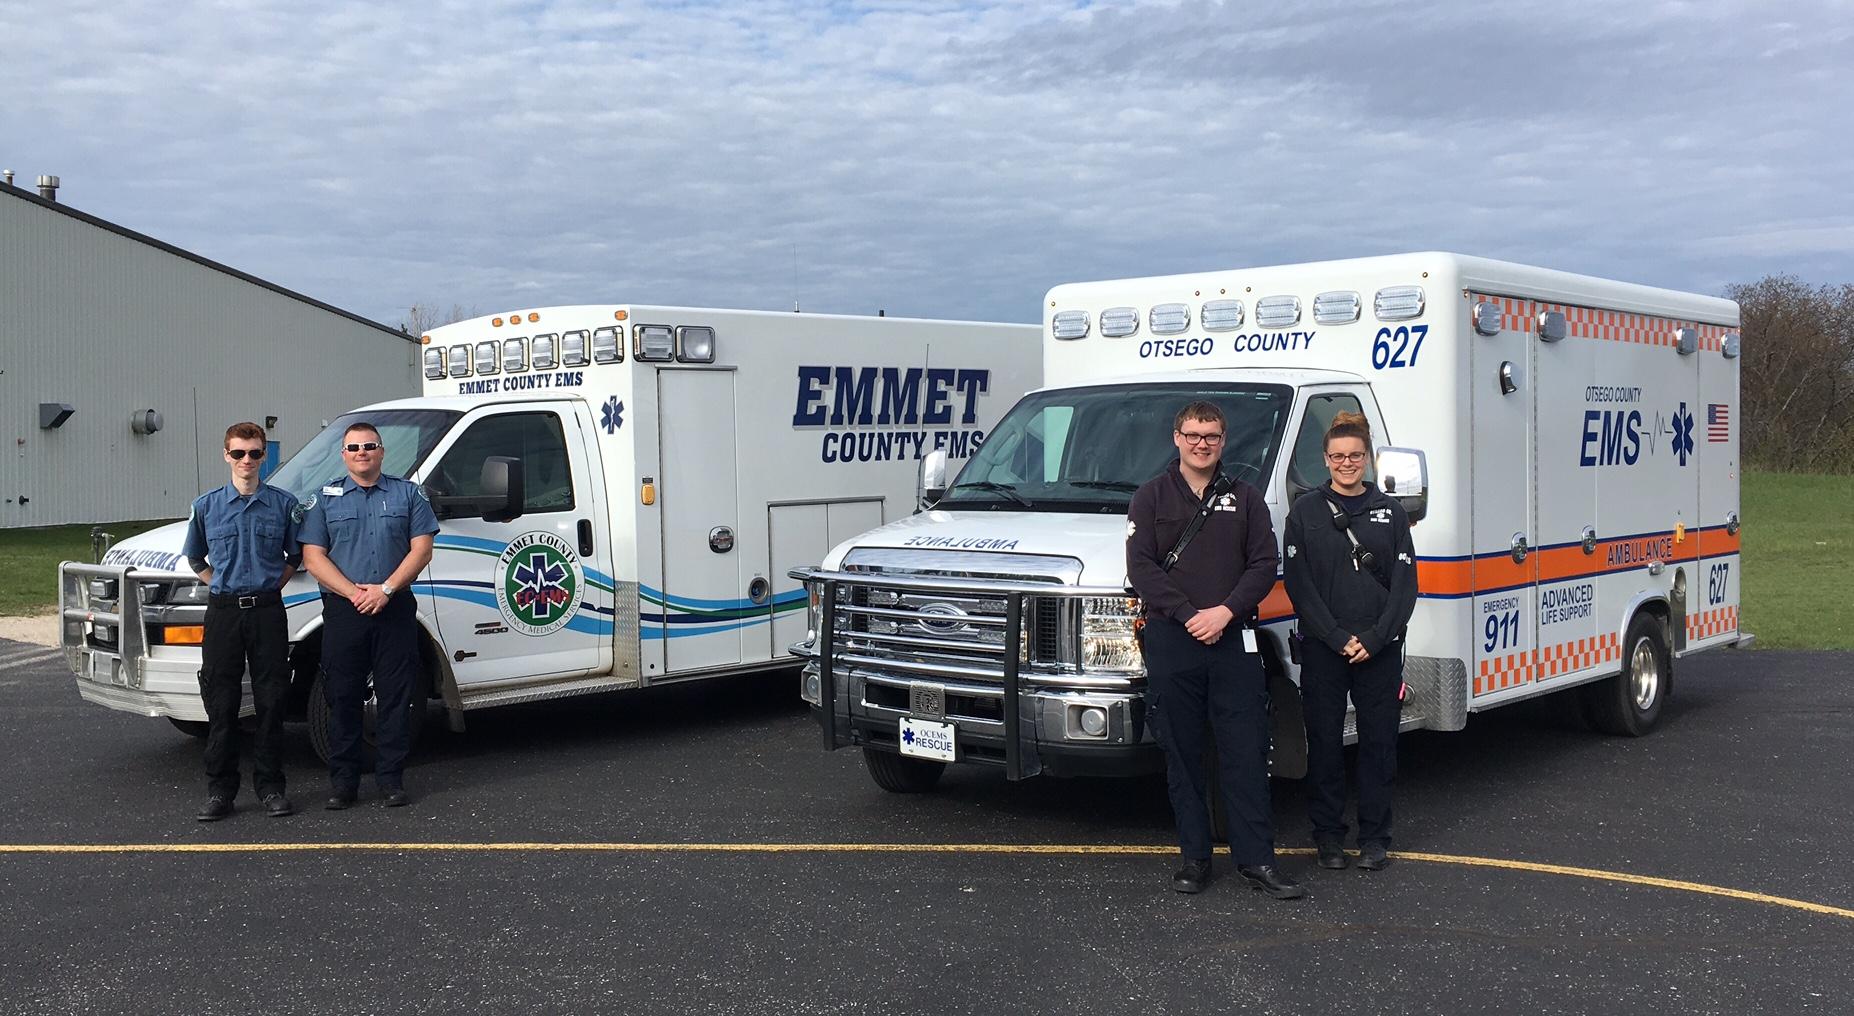 EMS crew and ambulances